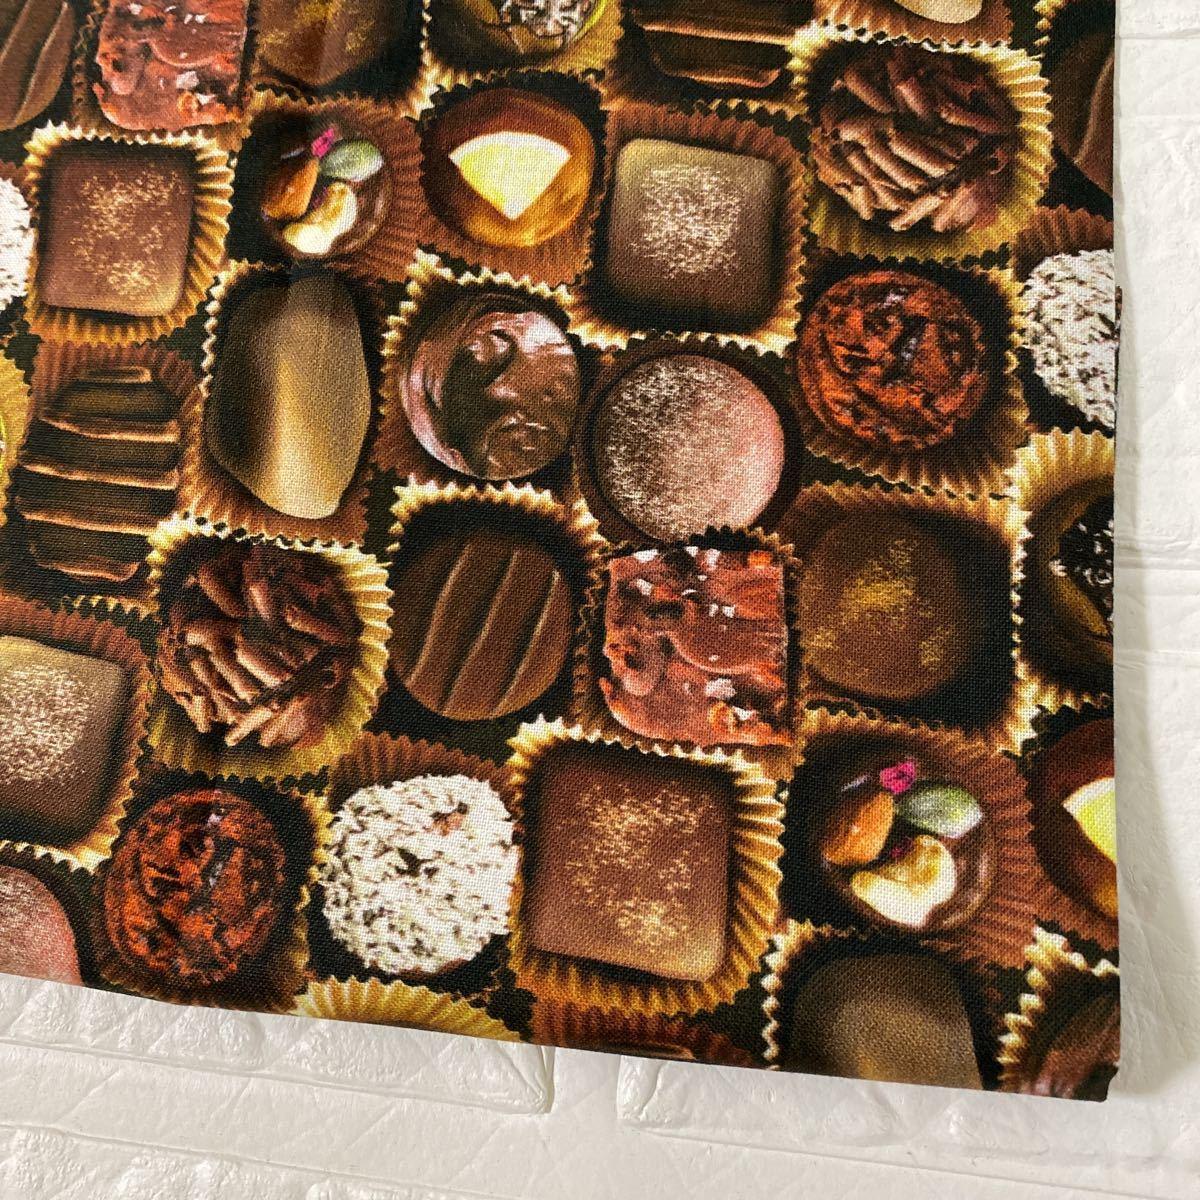 はぎれ 生地 布 コッカ 洋菓子 スイーツ プリント生地 スイーツ 転写 チョコレート チョコ柄